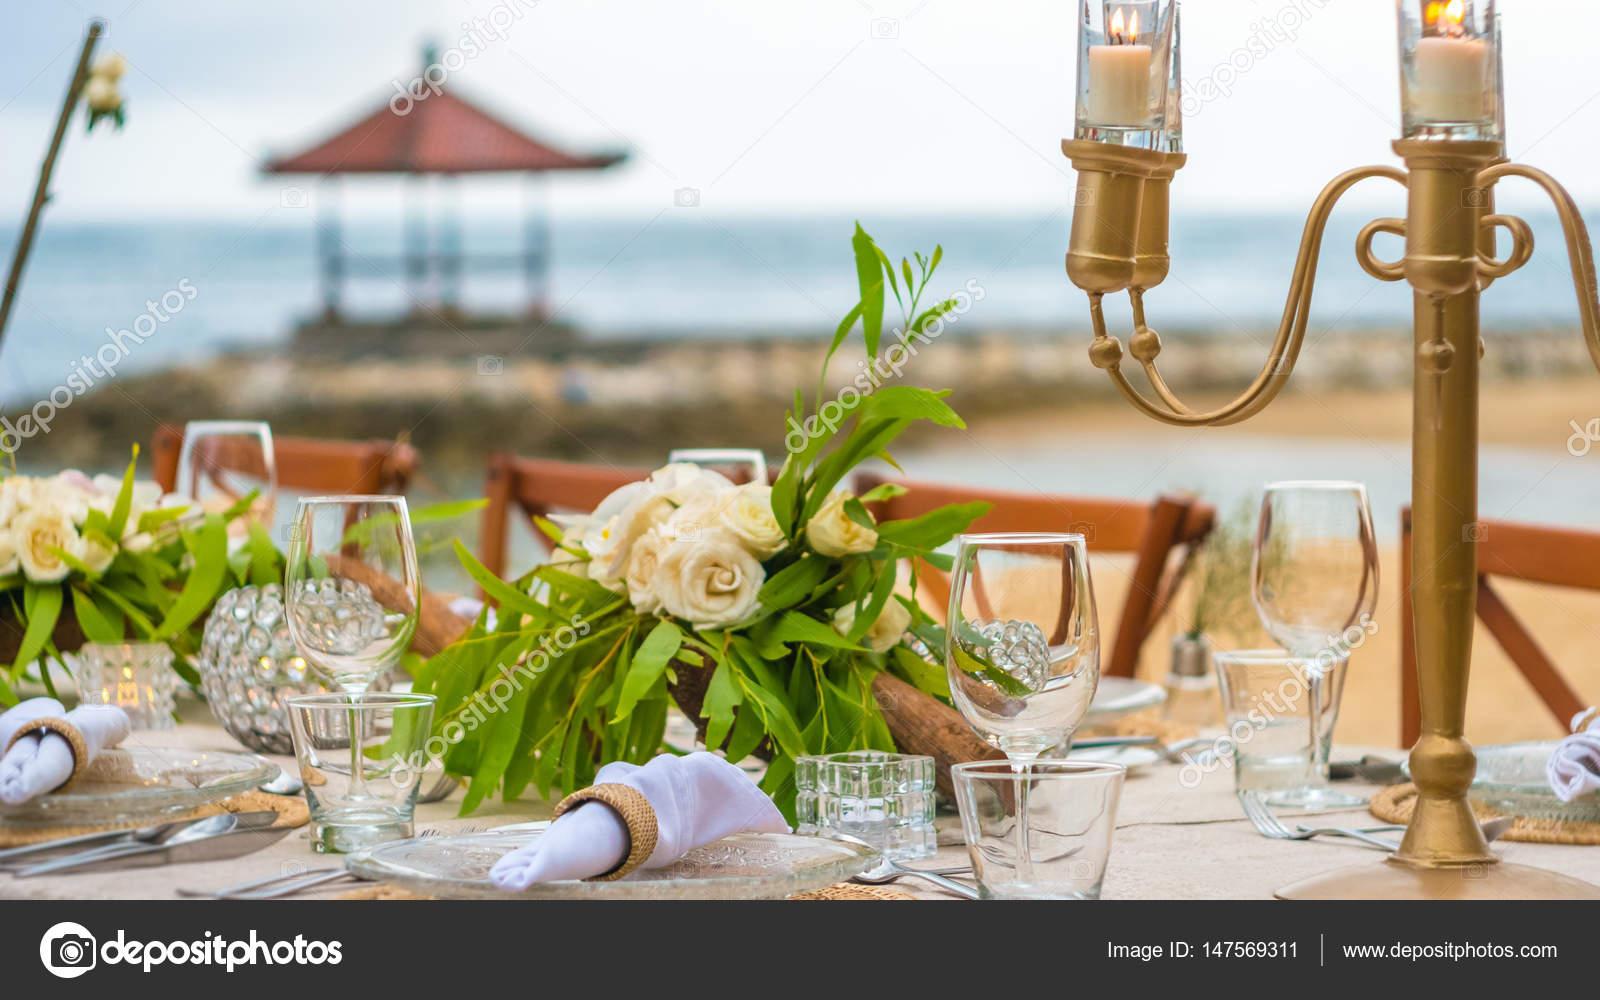 Close up de decorao de mesa no restaurante na praia bali stock close up de decorao de mesa no restaurante na praia bali fotografia de junglespirit Choice Image